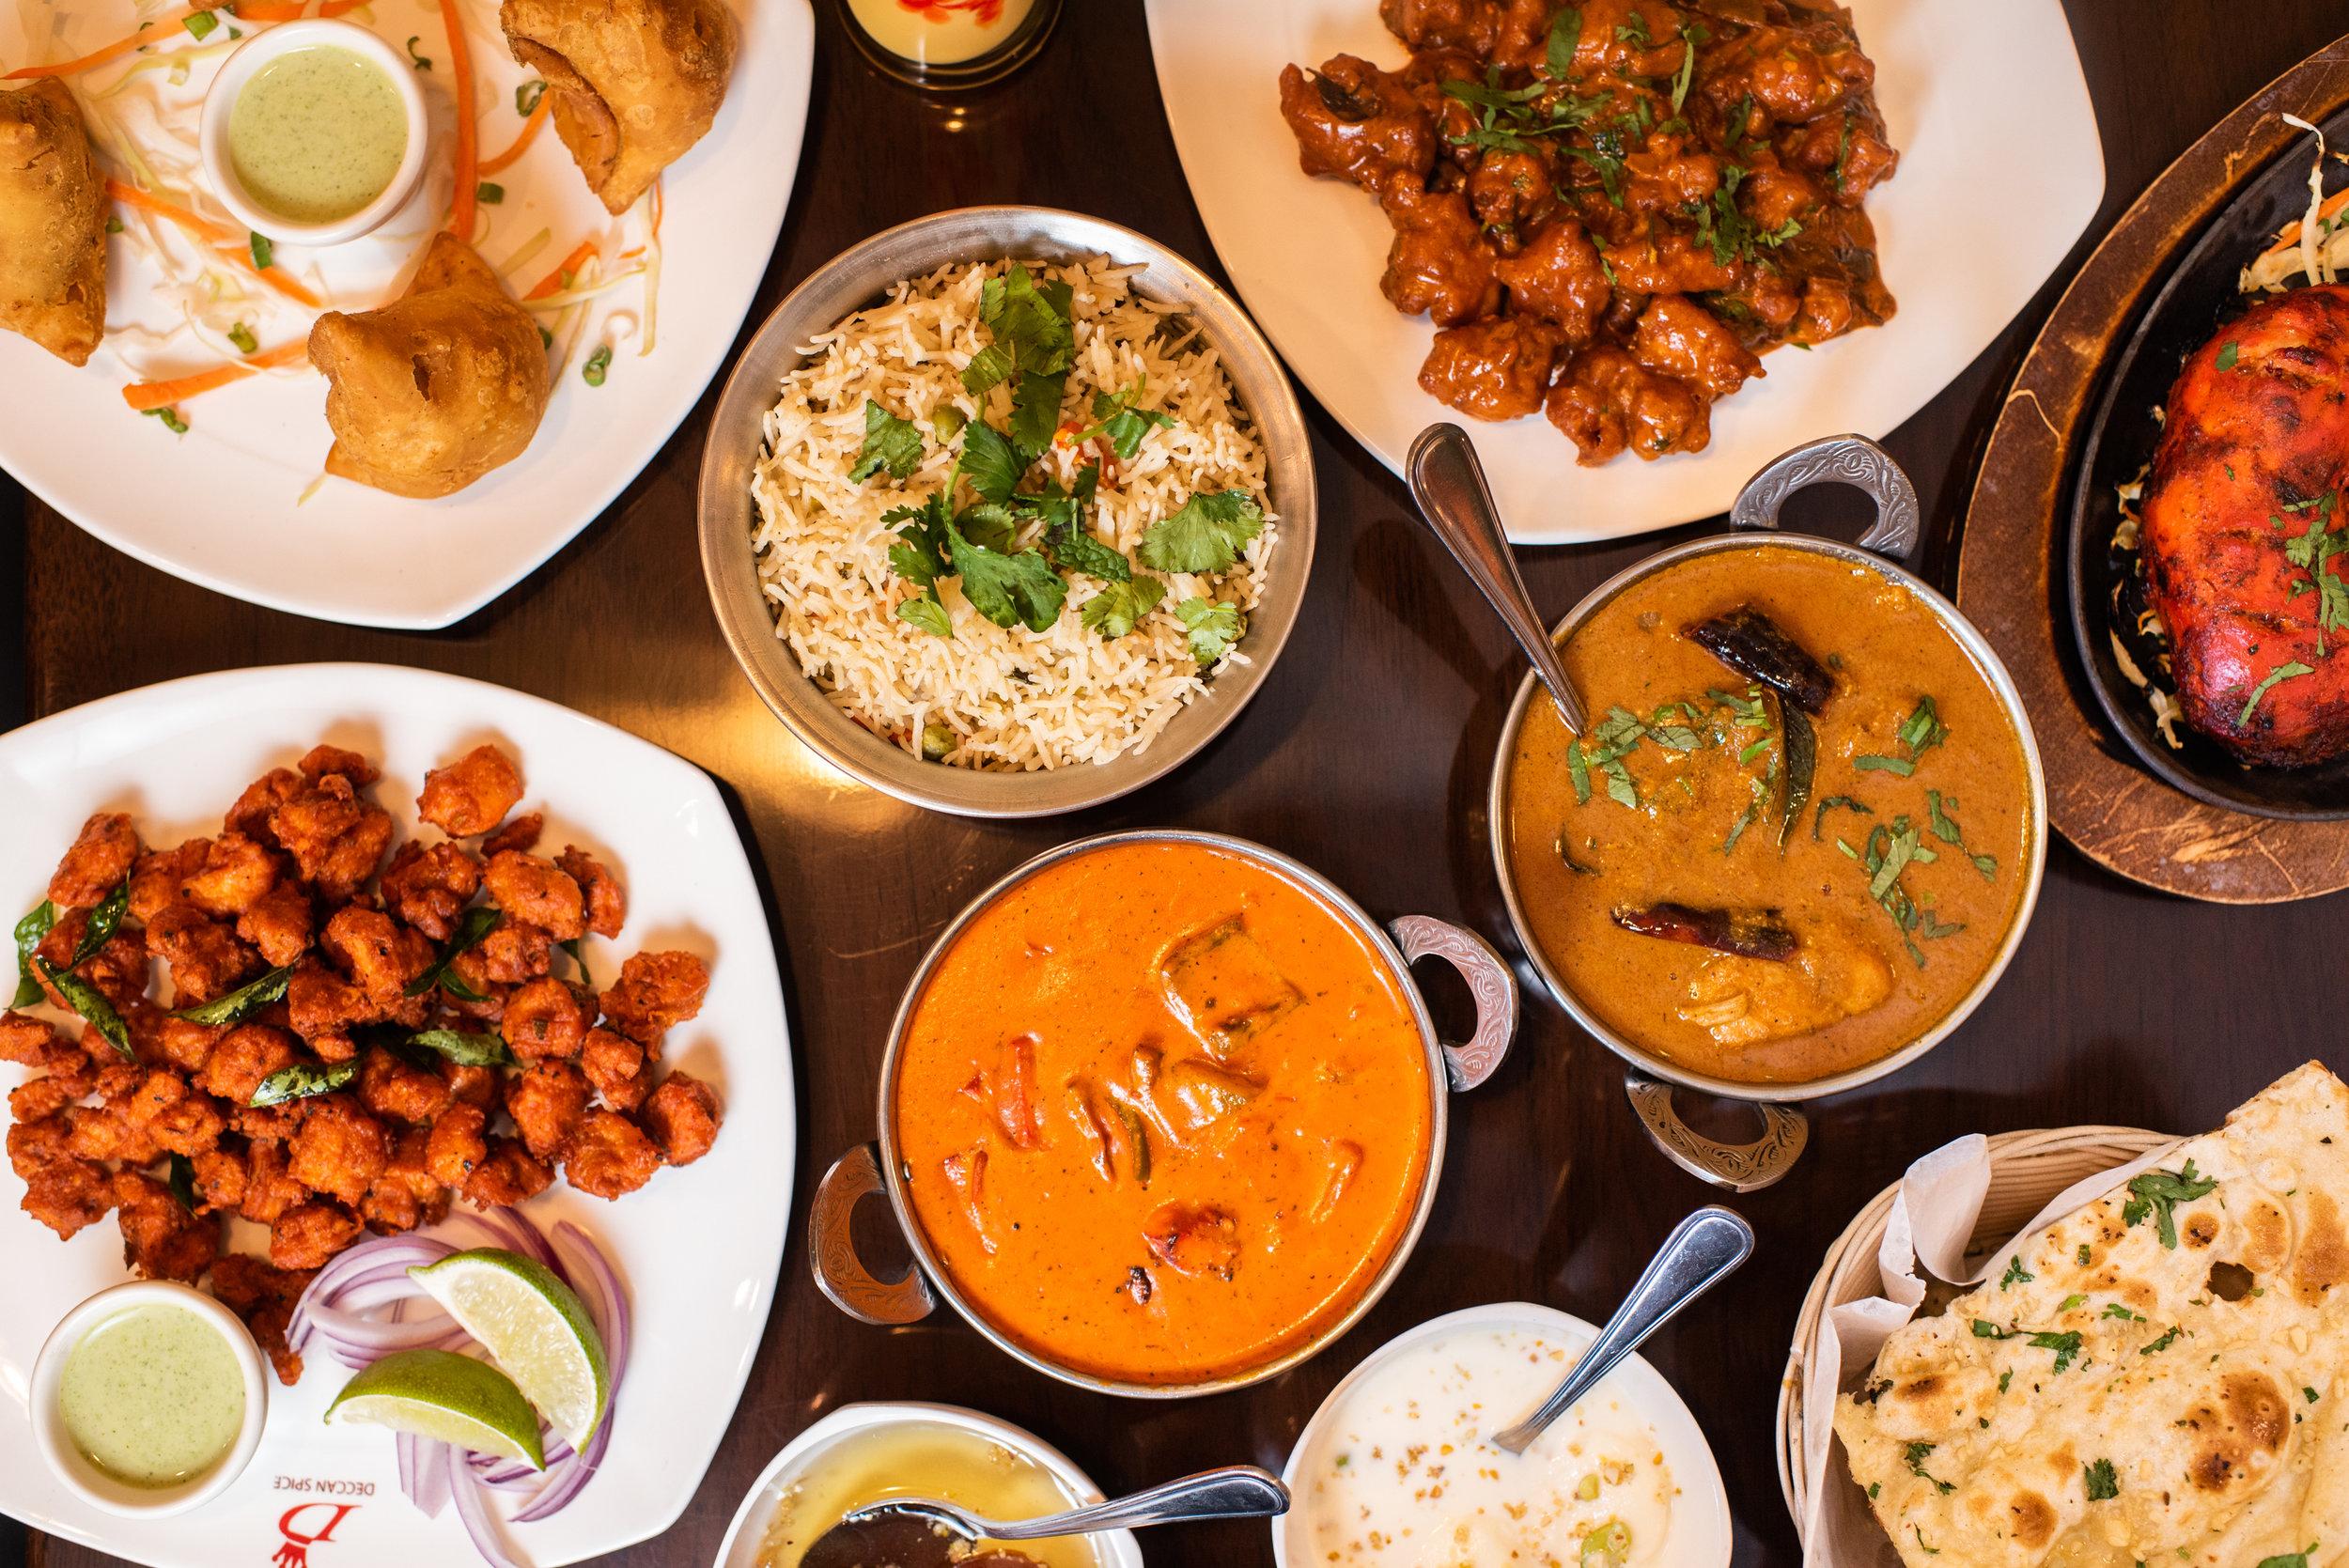 Deccan Spice